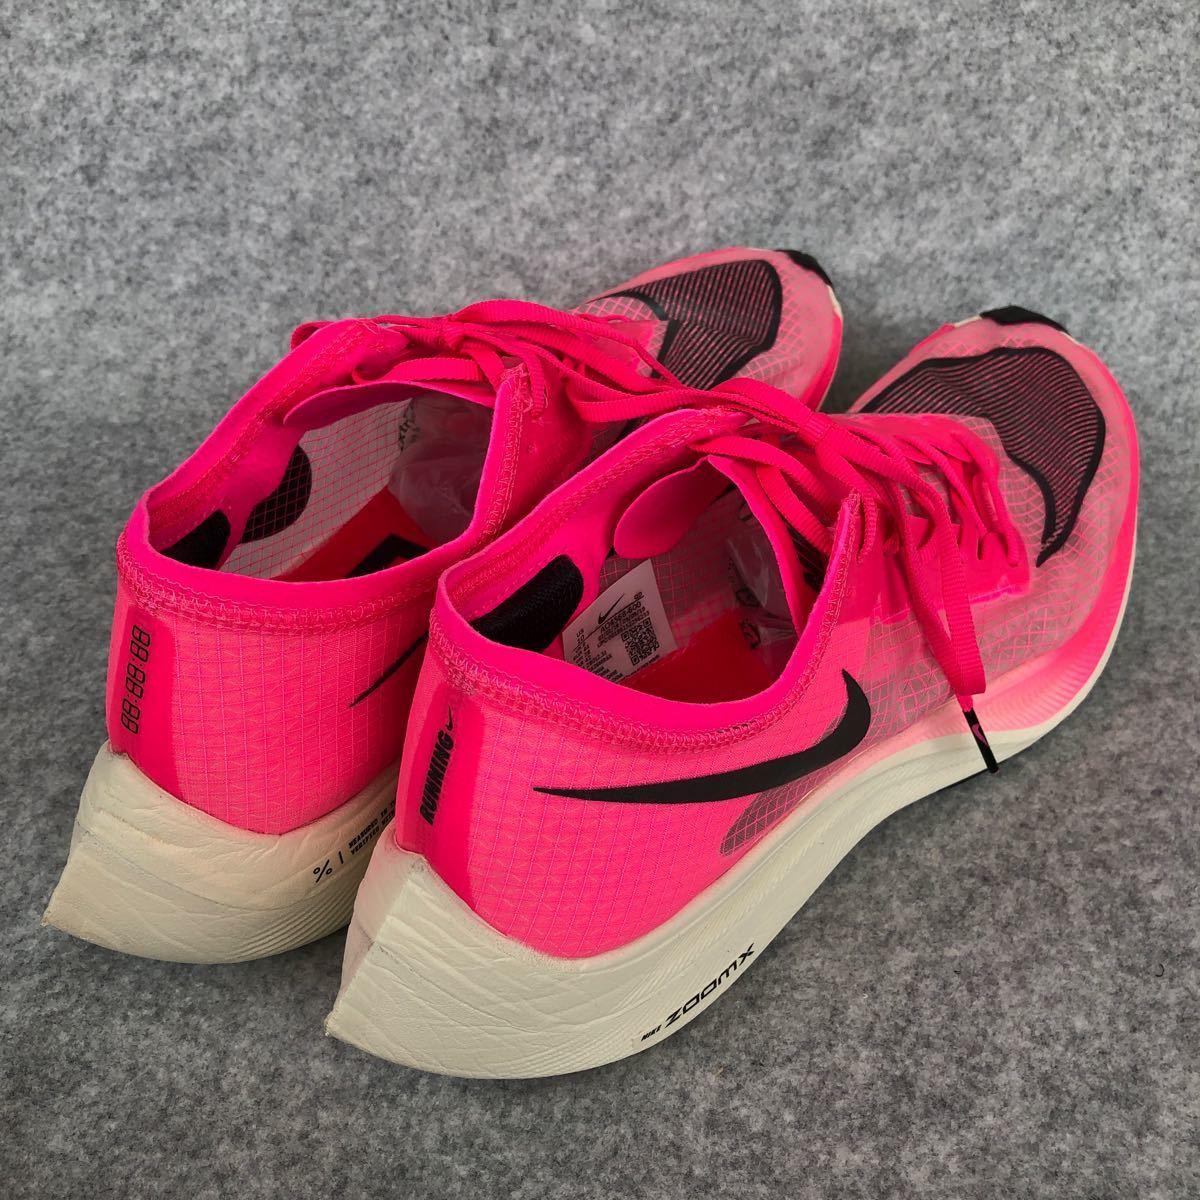 ナイキ ズームX ヴェイパーフライ ネクスト% 28.0cm ピンク 美品 ズームフライ AO4568-600